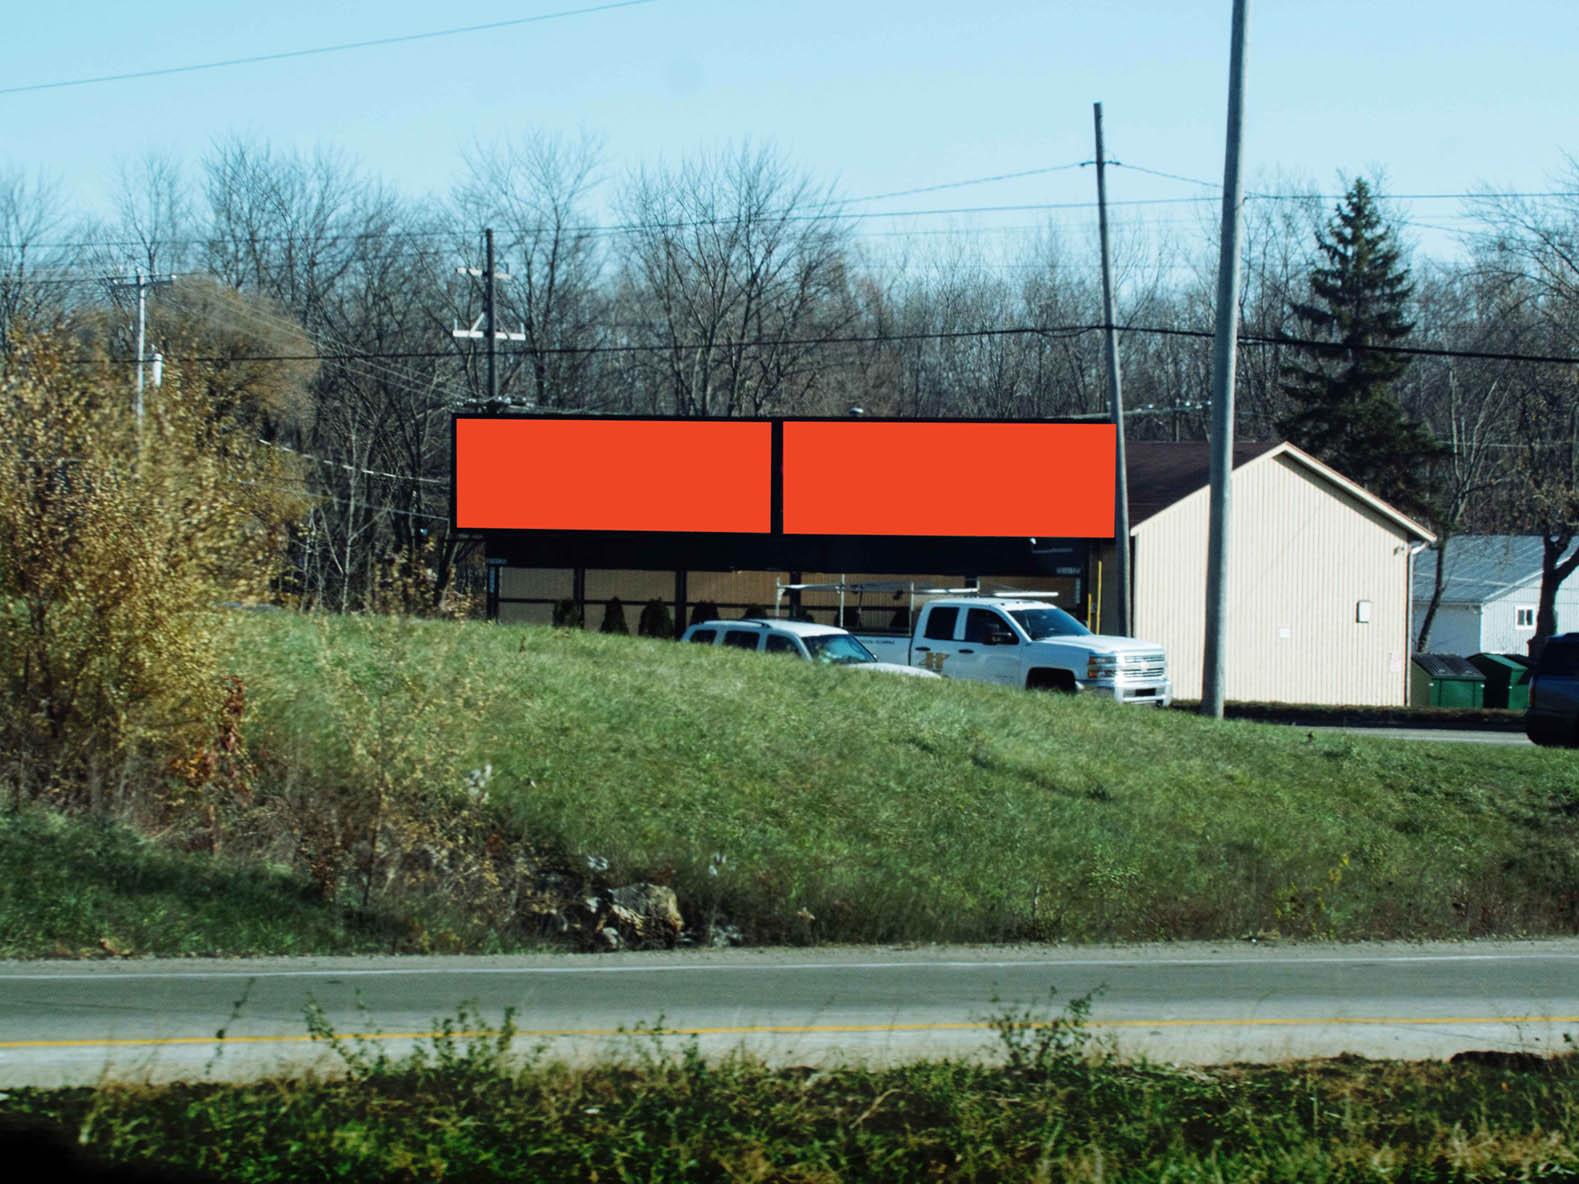 Billboard 420 WR (10 x 30) - Geopath: 30655450